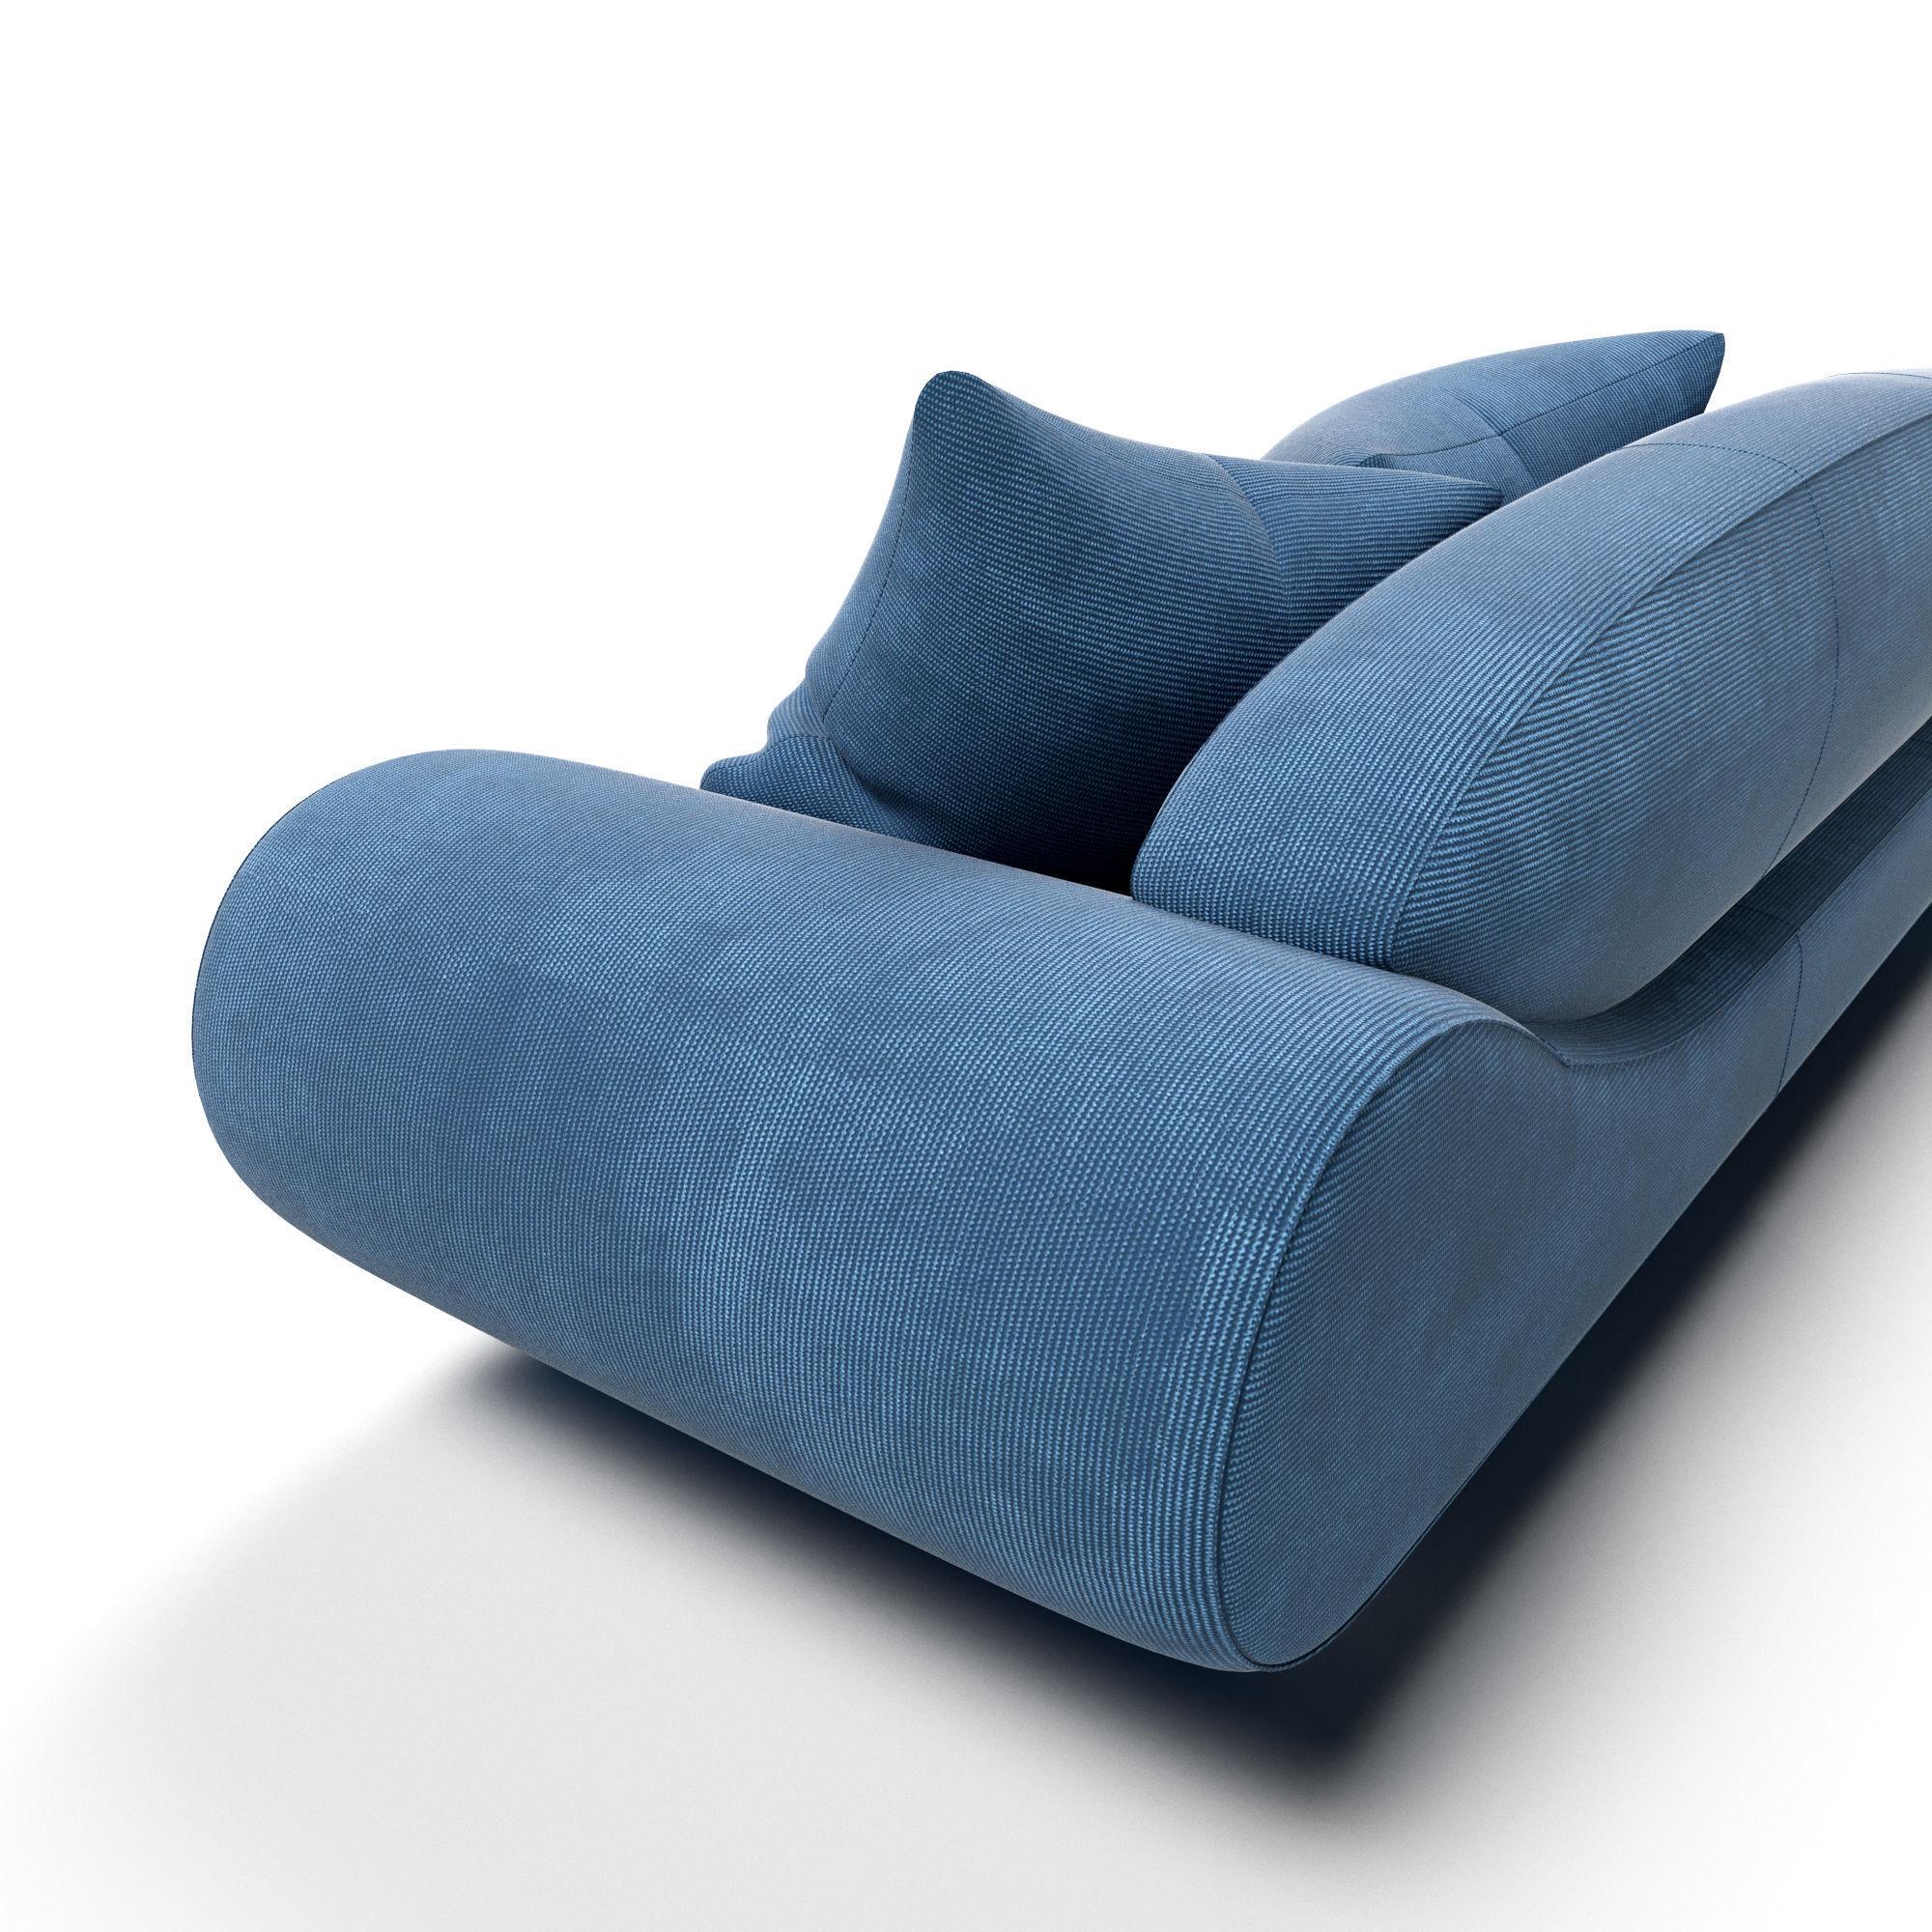 Superbe ... Harmony Sofa 3d Model Max Obj Mtl Fbx 3 ...